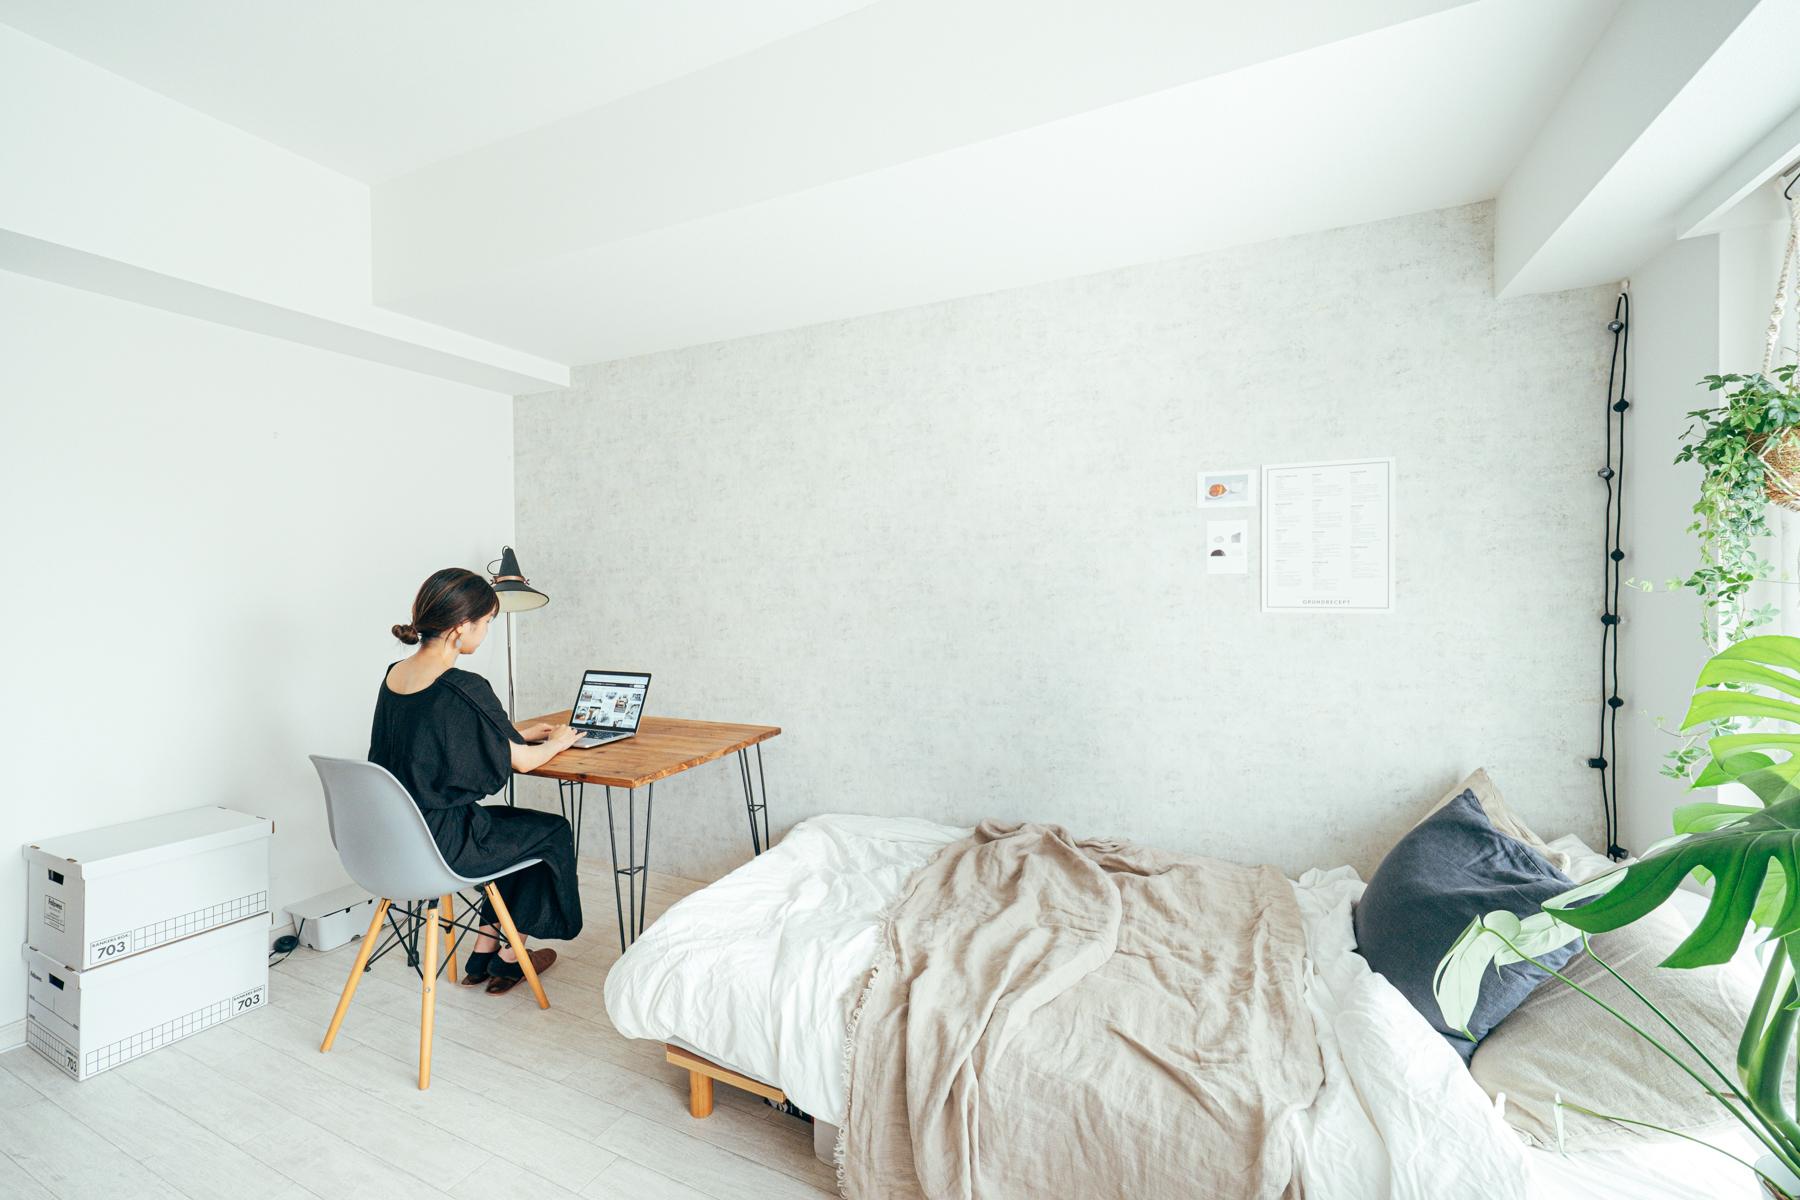 テーブルが壁際にある分、お部屋を広く感じられます。